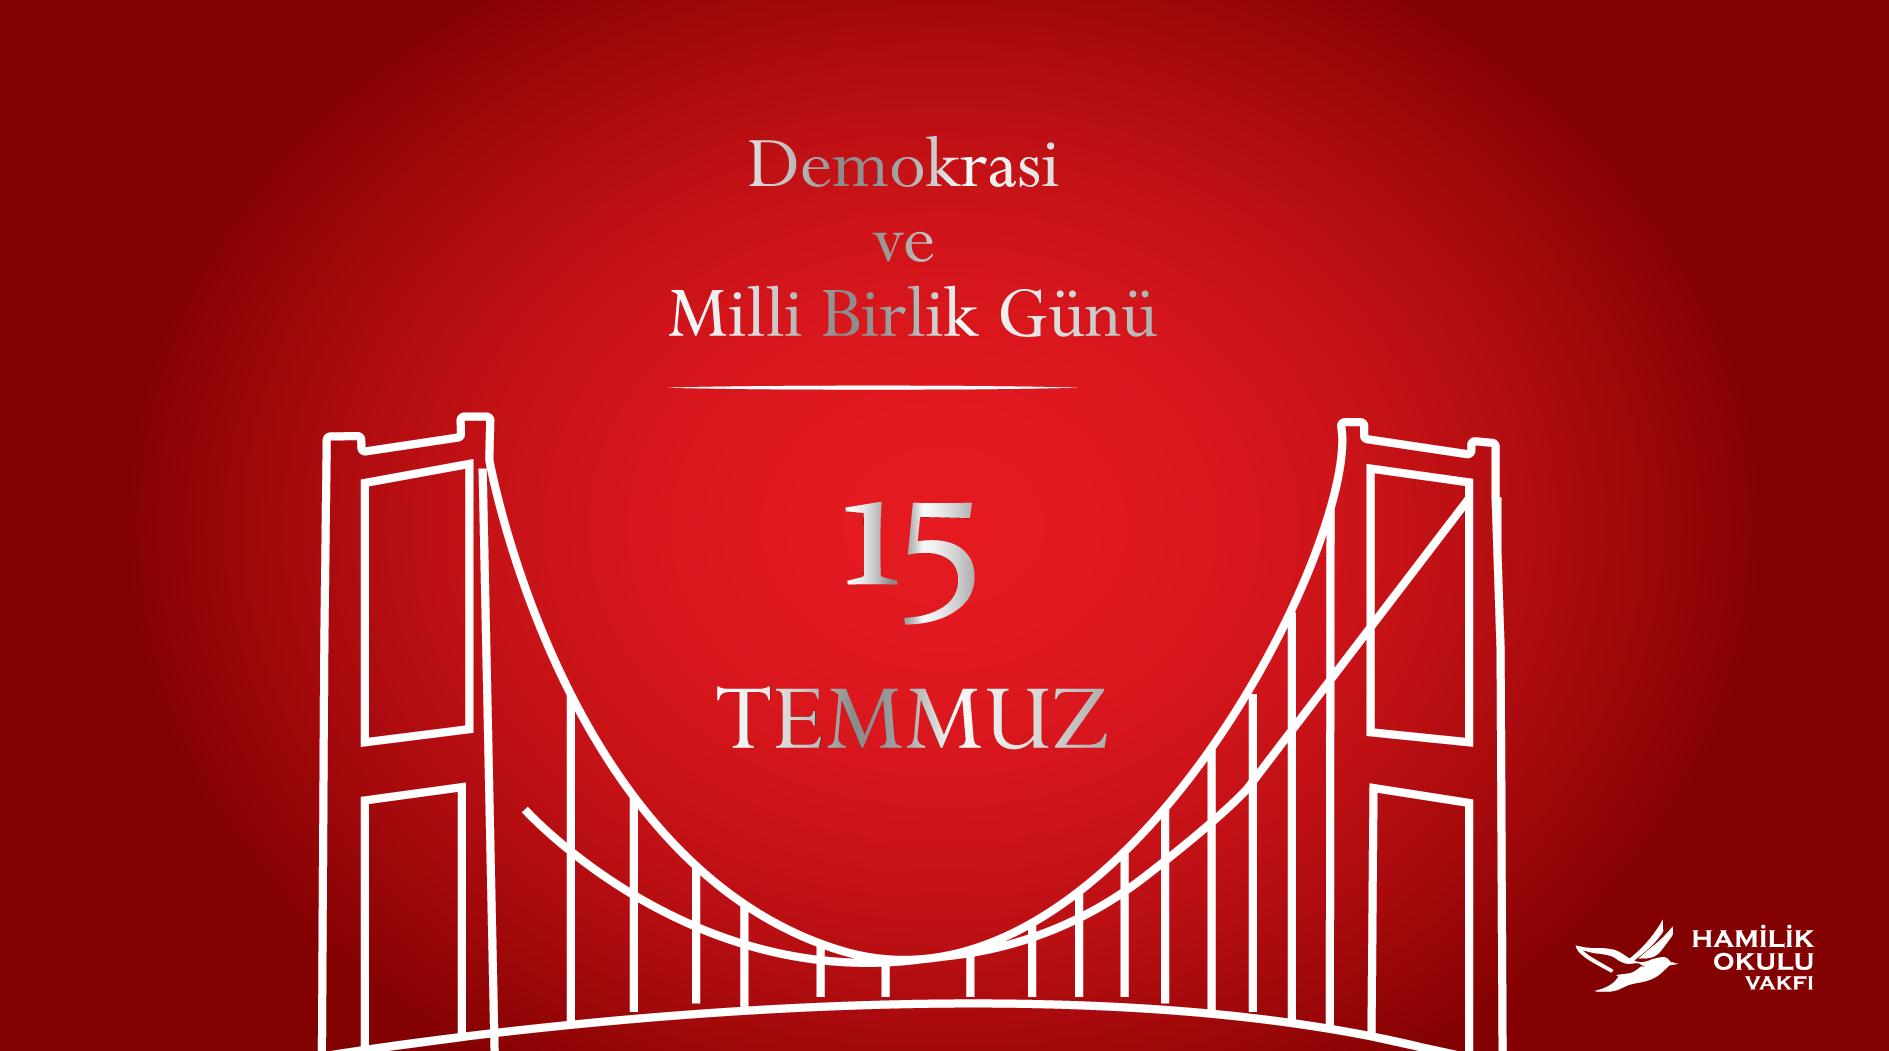 15 Temmuz Demokrasi ve Milli Birlik Günü post thumbnail